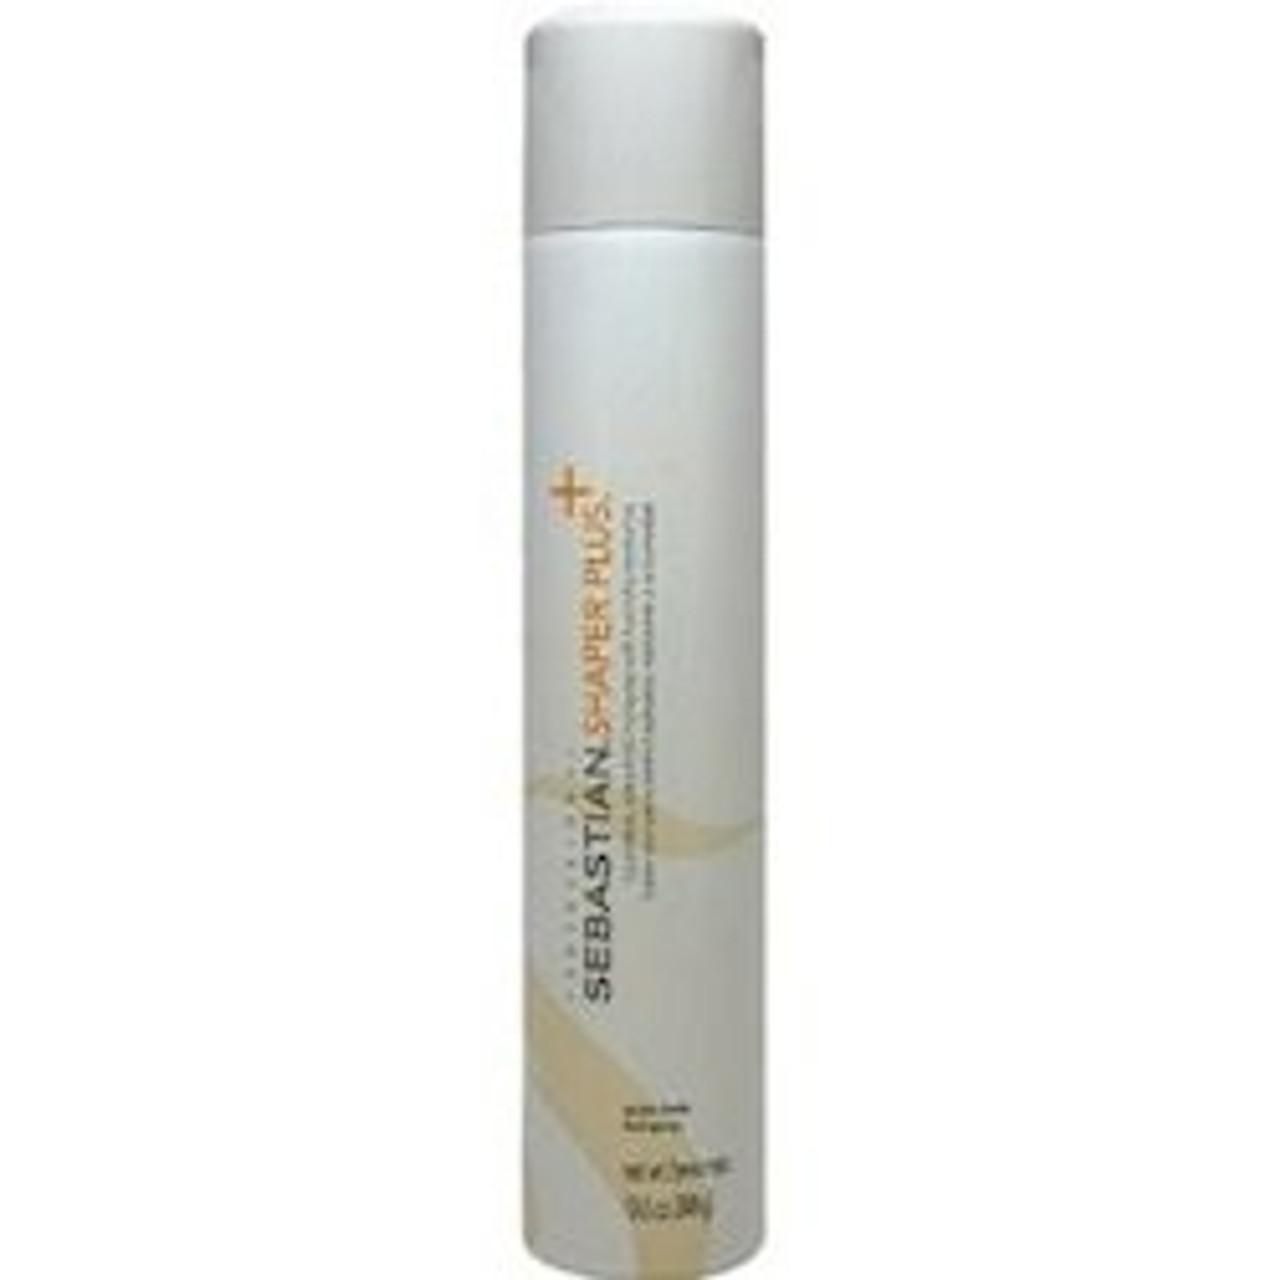 Sebastian Shaper Plus Hair Spray - 10 OZ